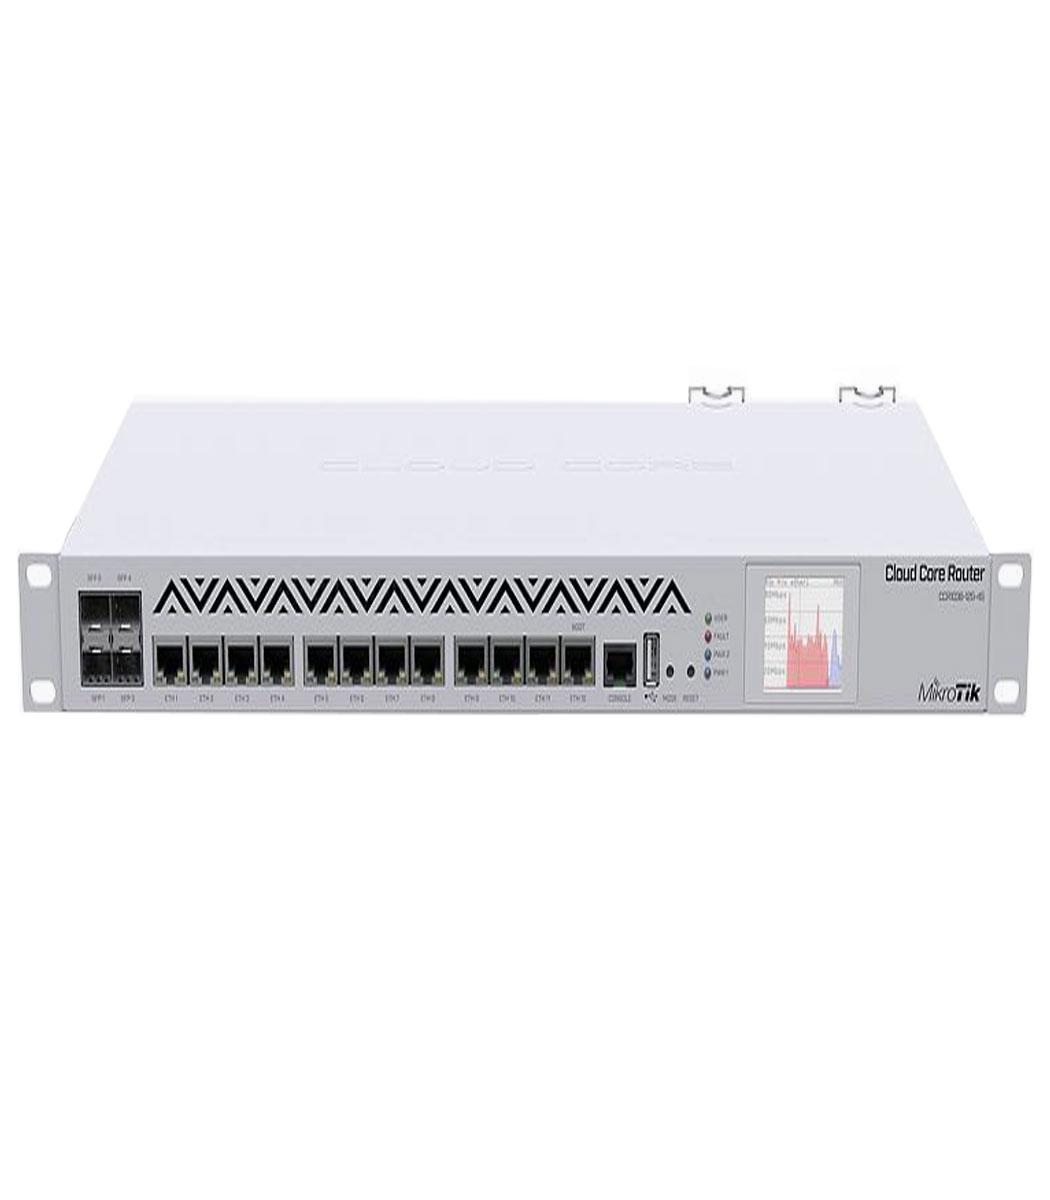 روترMikroTik CCR1036 12G-4S-EM میکروتیک